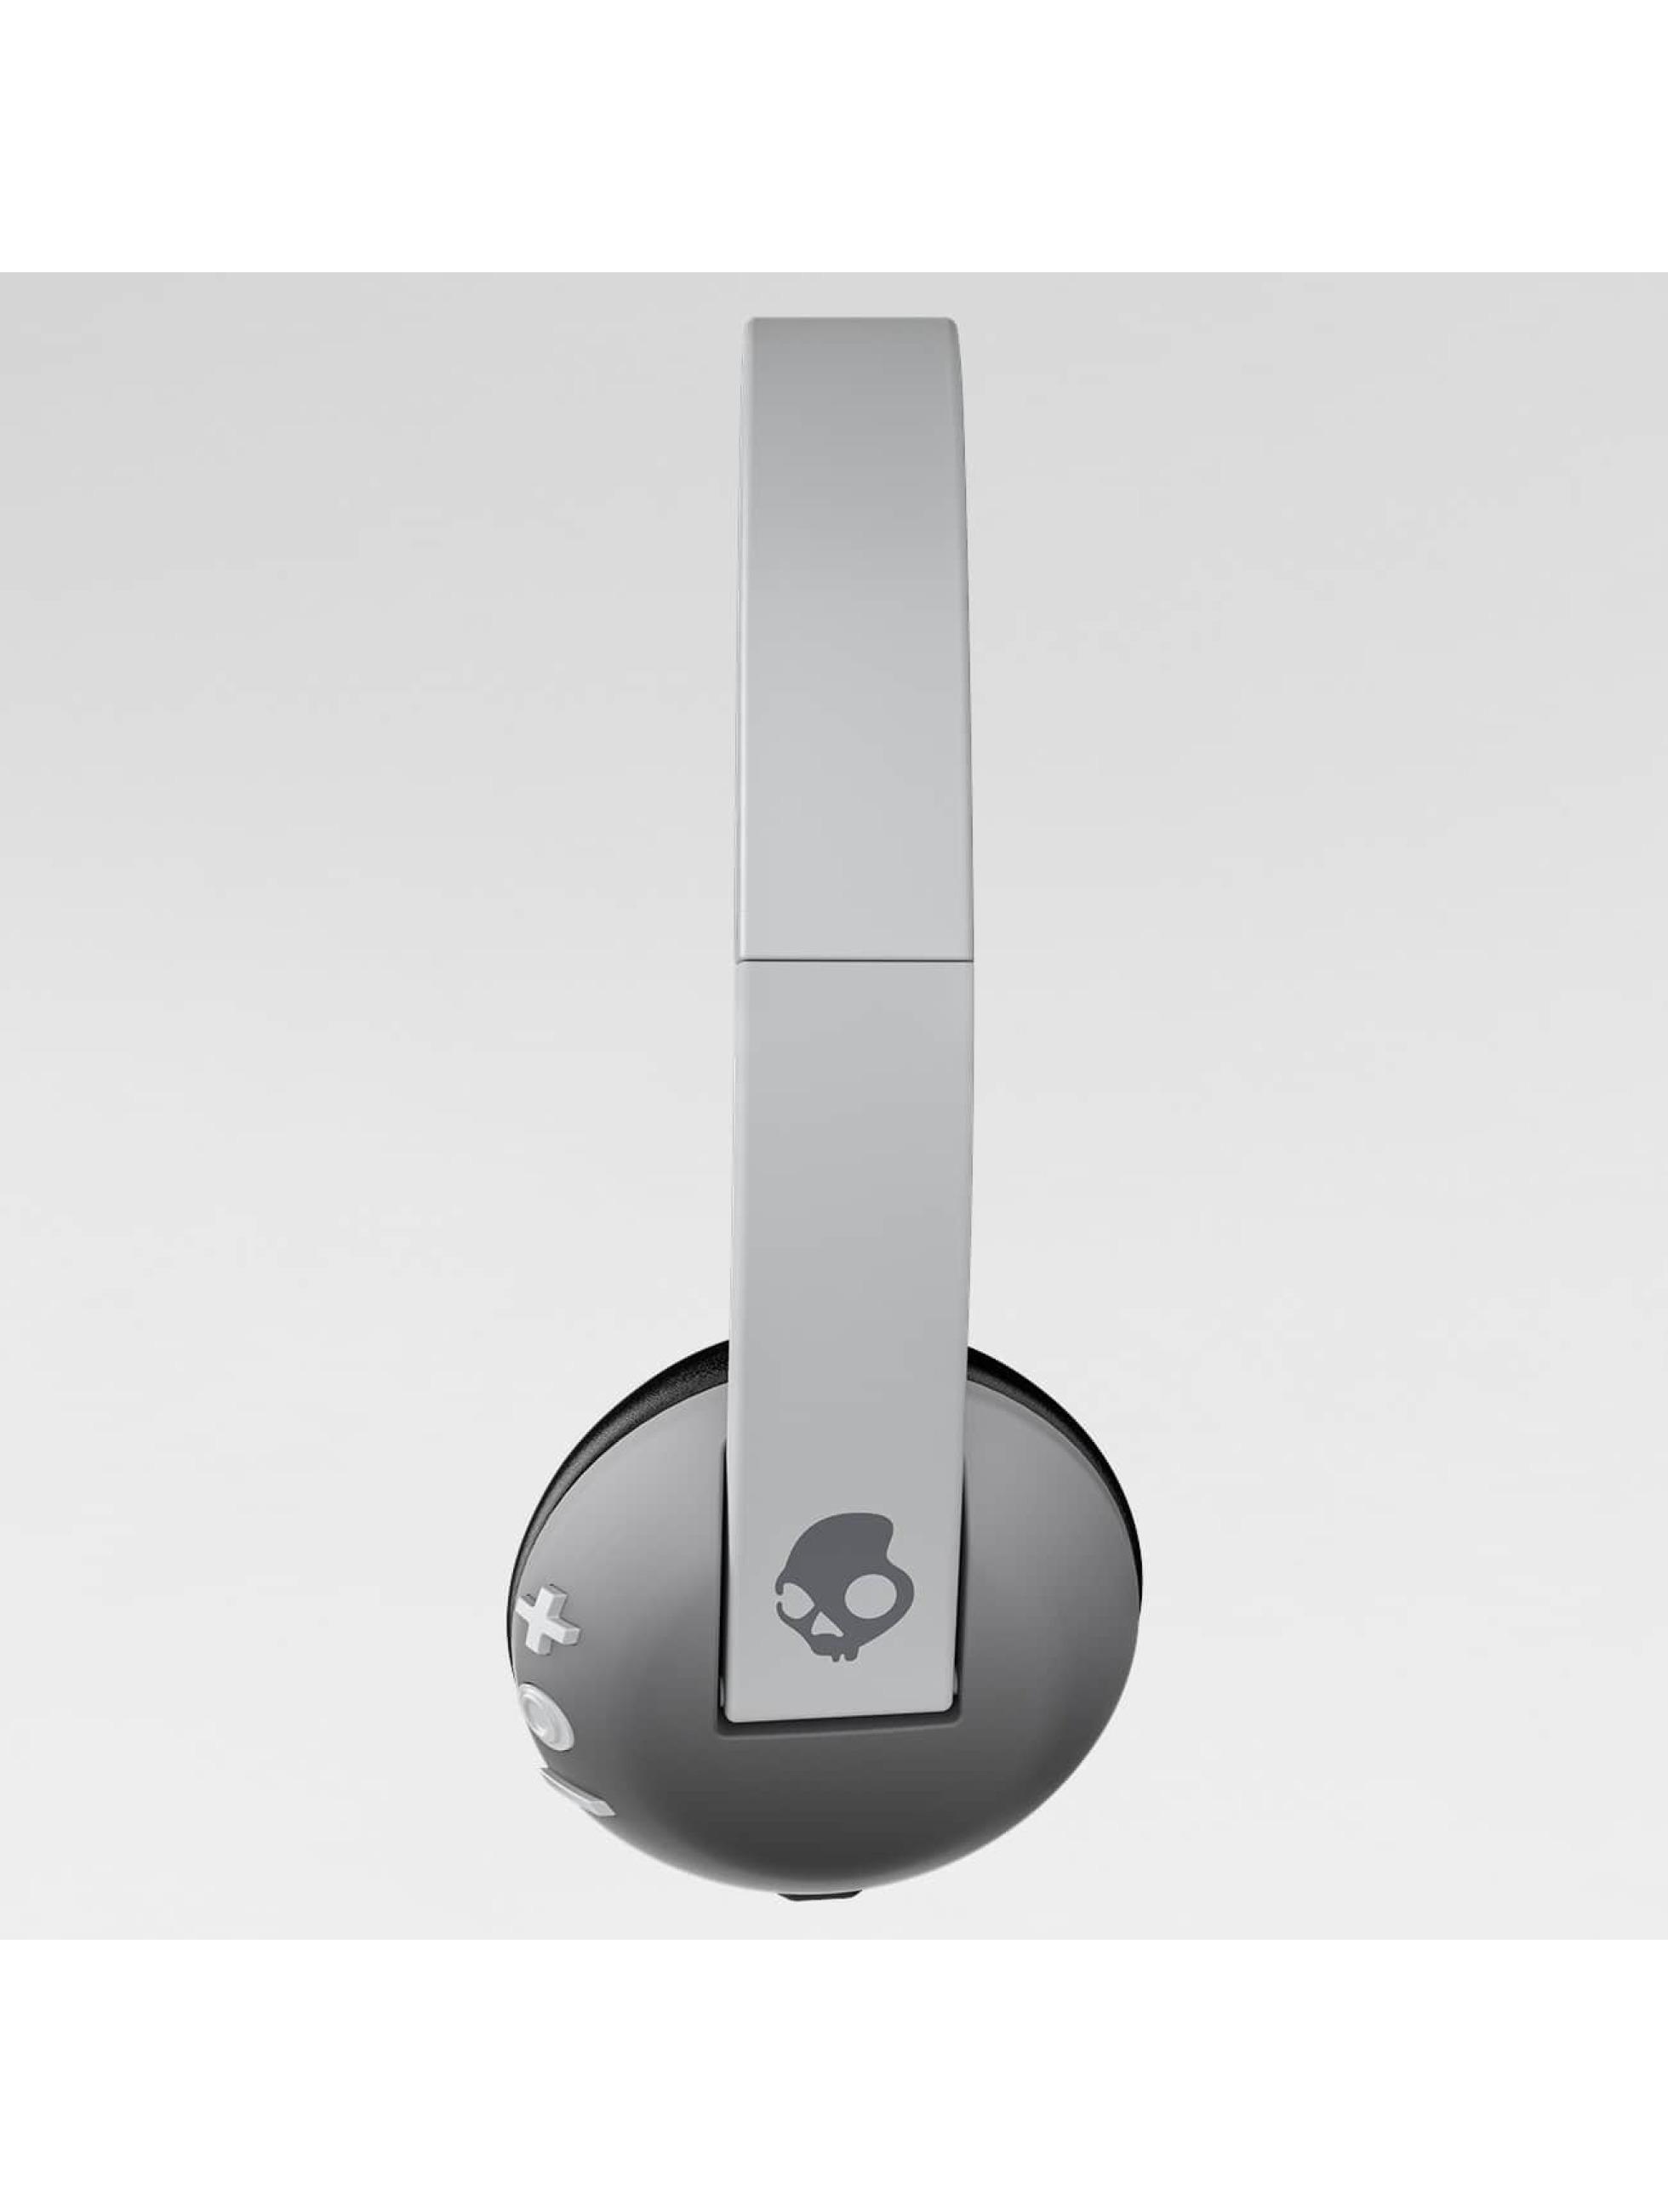 Skullcandy Headphone Uproar Wireless On Ear grey